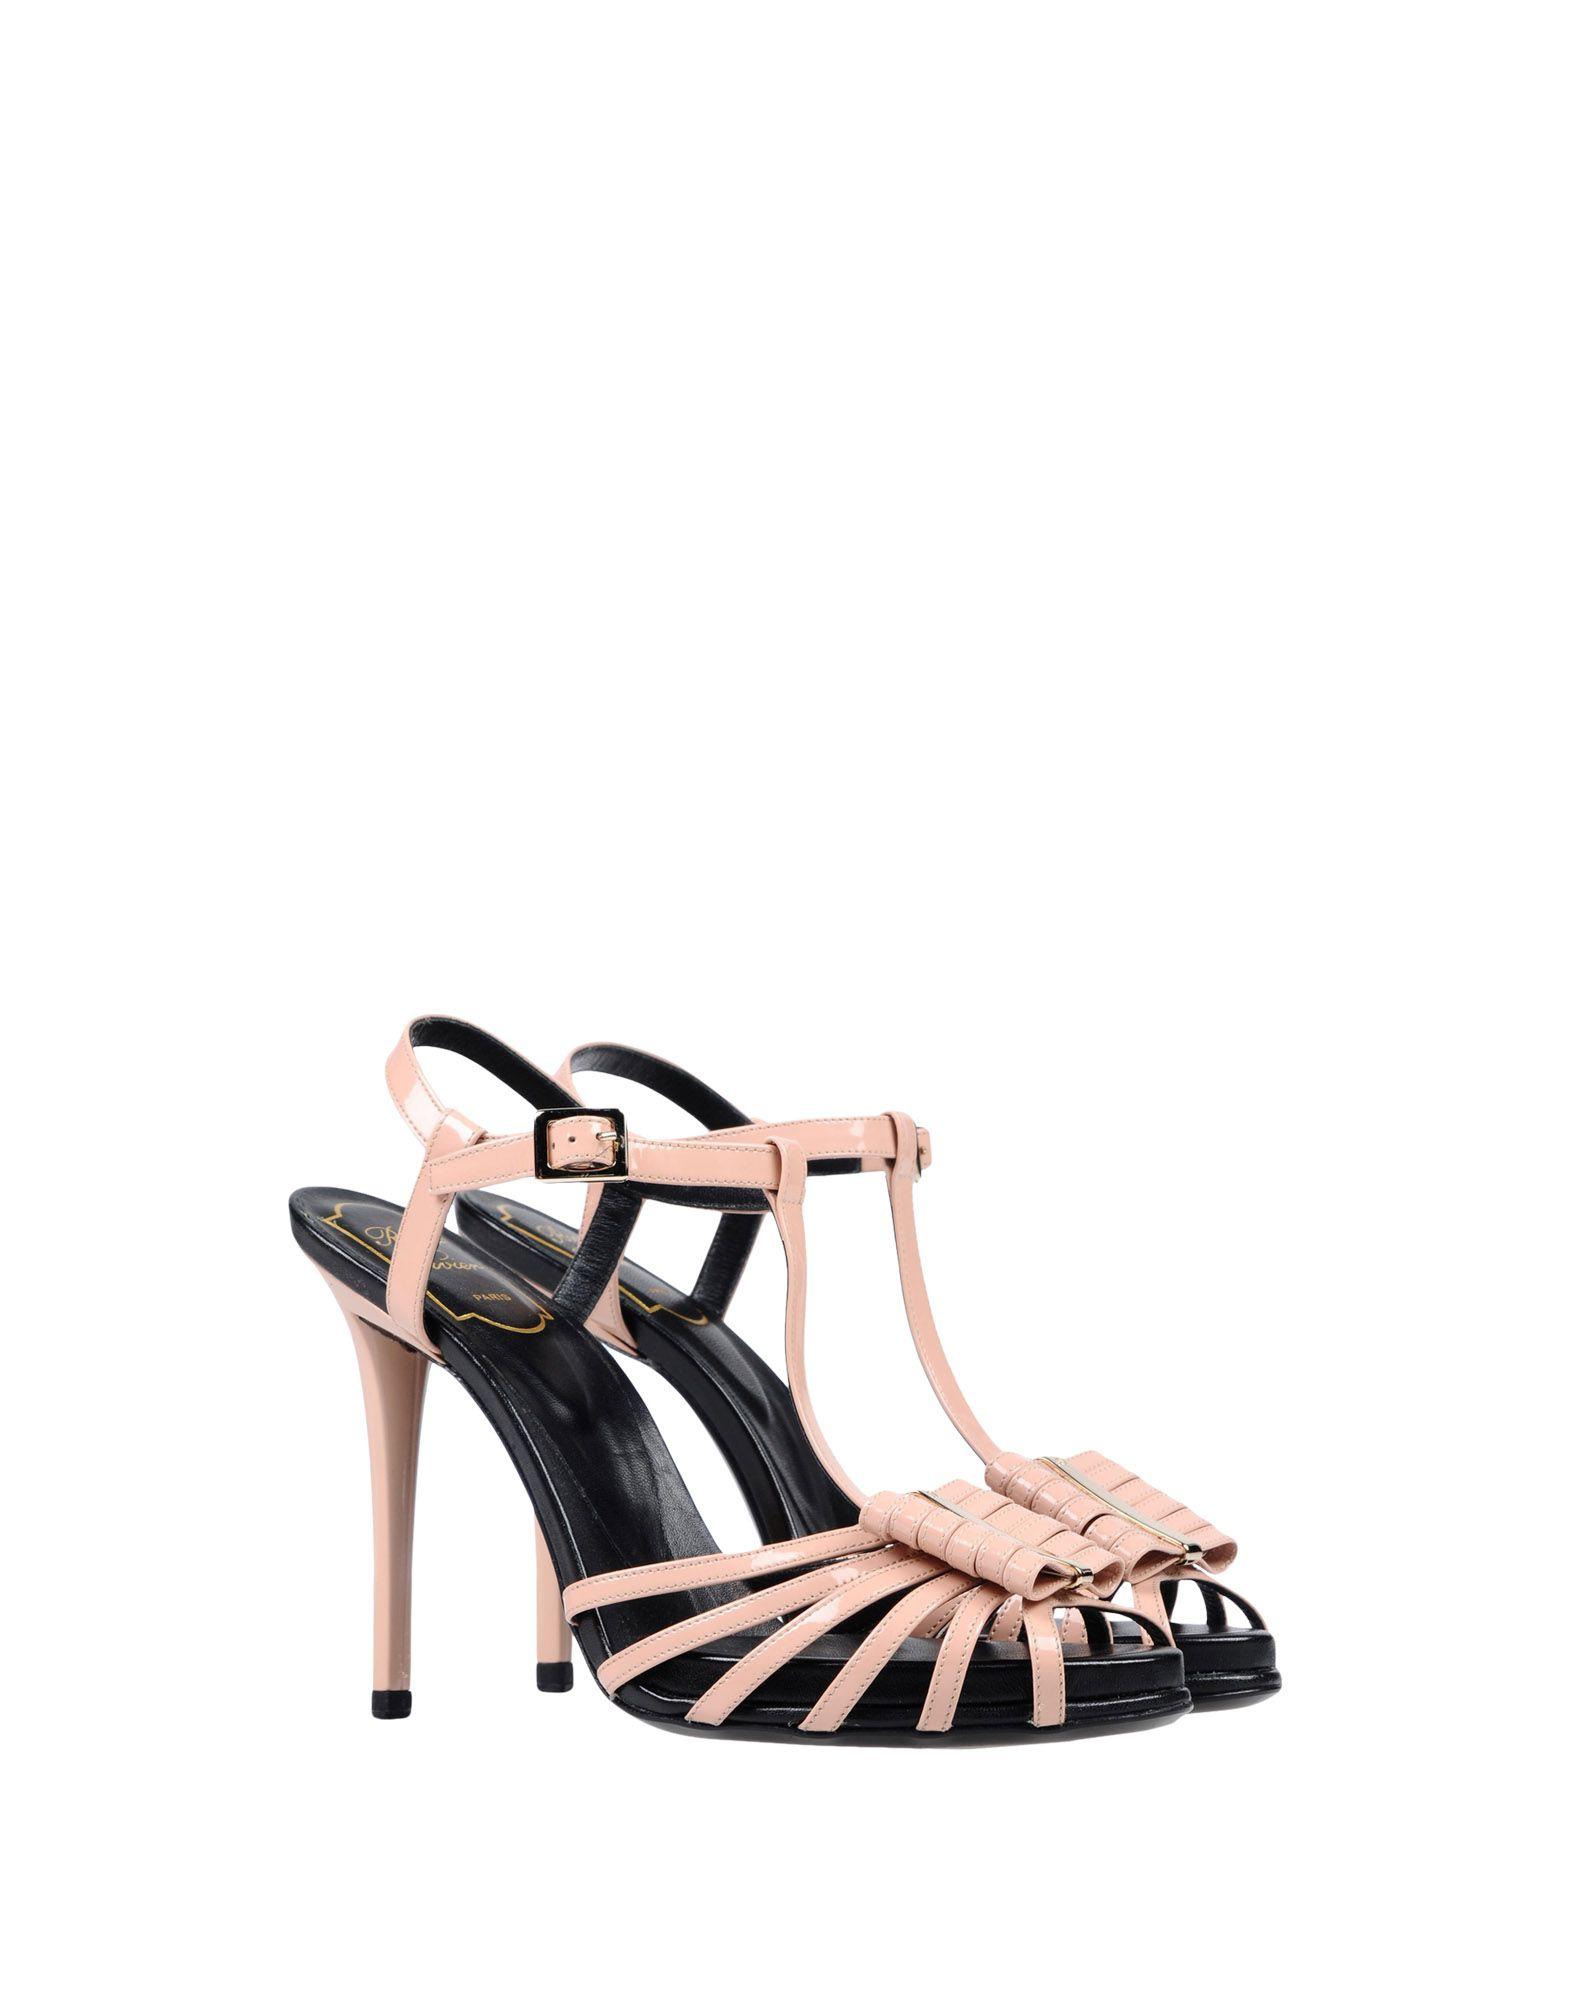 Rabatt Vivier Schuhe Roger Vivier Rabatt Sandalen Damen  11397745QB 34eee1